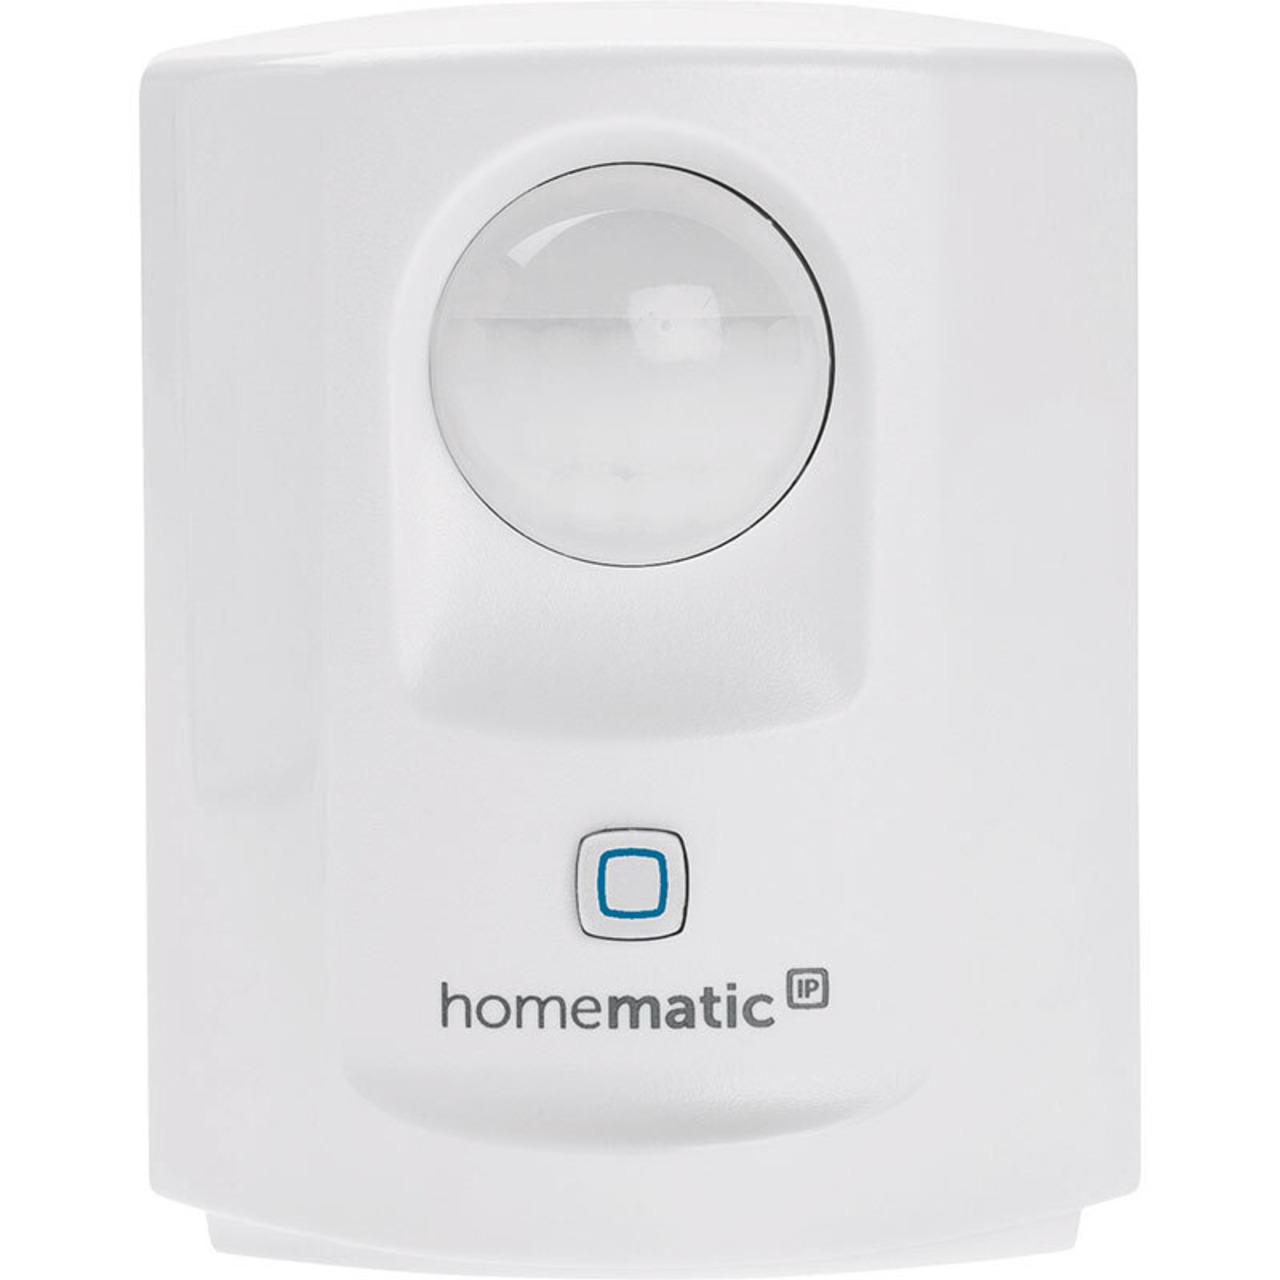 ELV Homematic IP ARR-Bausatz Bewegungsmelder mit Dämmerungssensor innen HmIP-SMI- für Smart Home